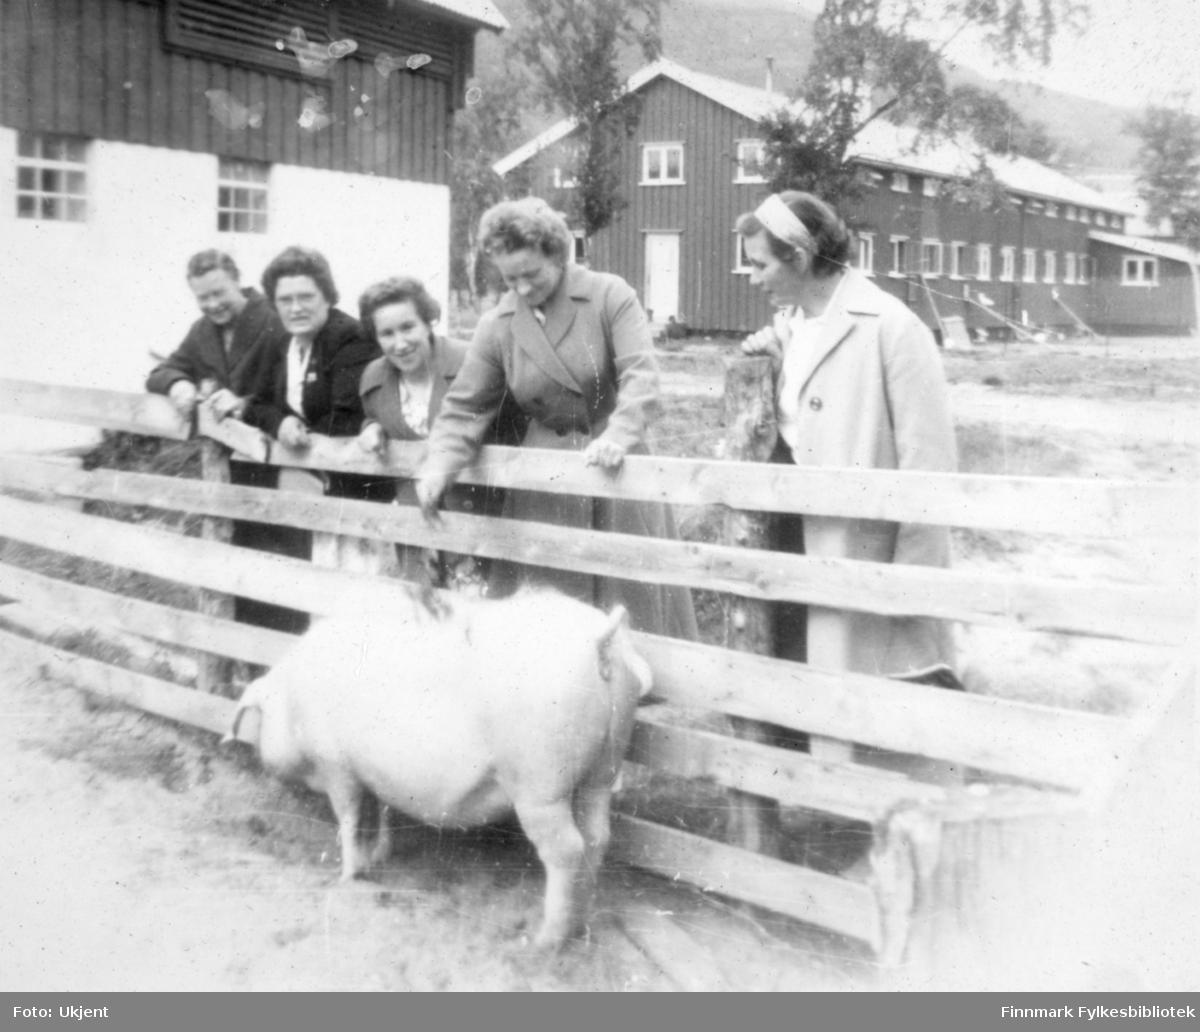 Kautokeino husmorslag, bildet tatt på 1950-tallet. En gjeng med kvinner står foran et gjerdet. Innenfor gjerdet står en gris. Kvinnene har på seg kåper, skjorter og skjørt. Kvinnen helt til høyre har et bånd rundt hodet. I bakgrunnen kan man se hus med vinduer på. Det er også mulig å skimte enkelte trær.